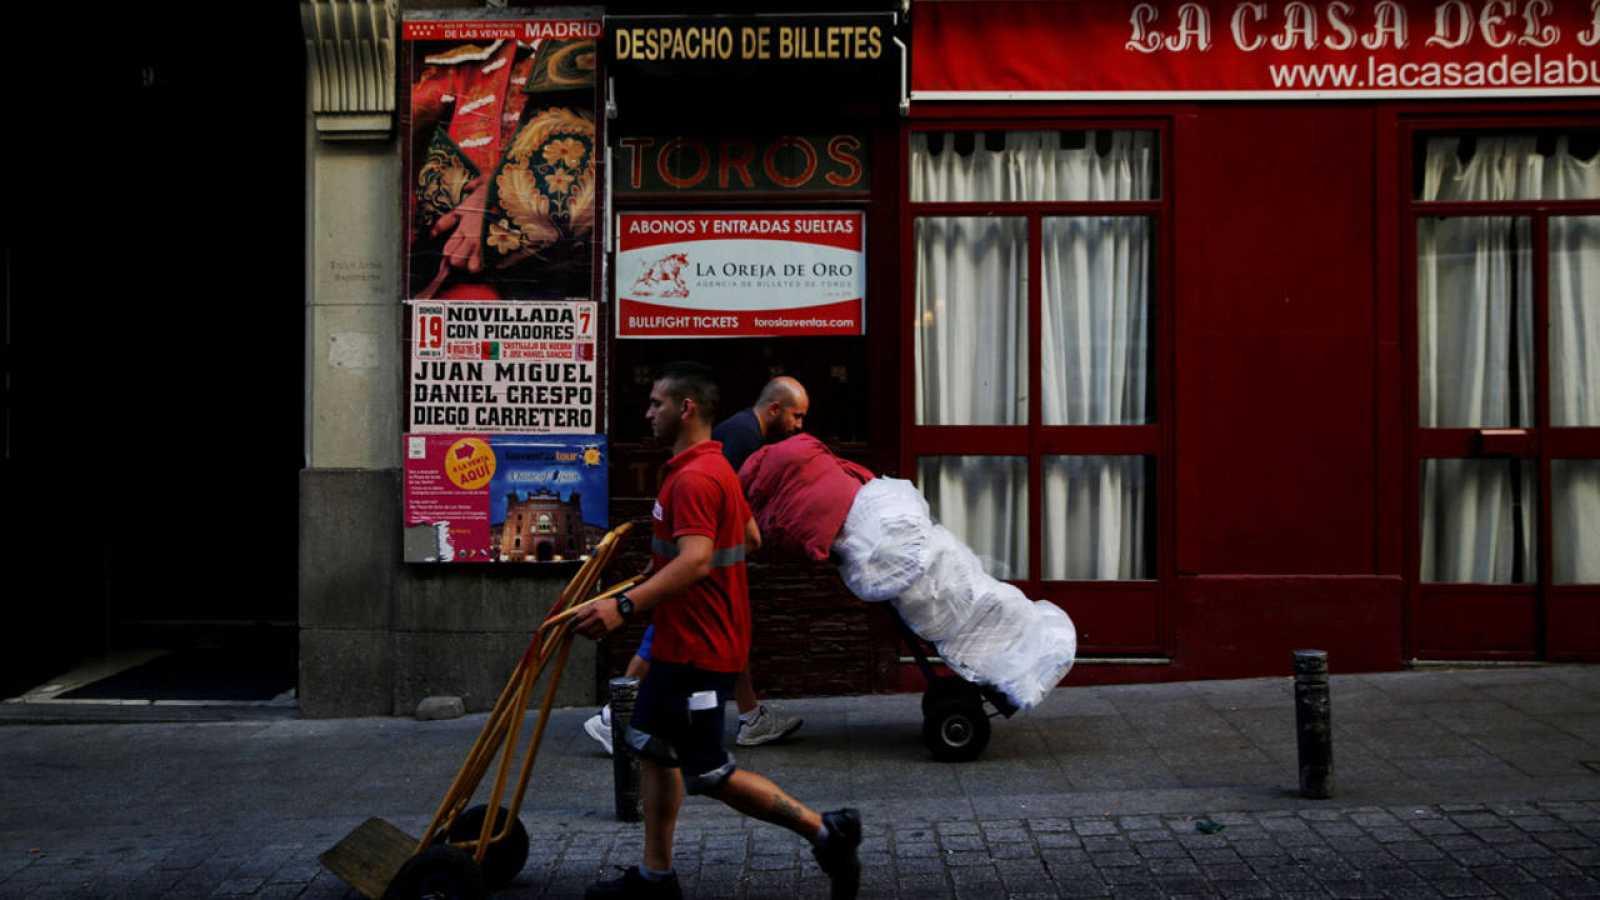 Dos operarios trasladan mercancía con carretillas en el centro de Madrid